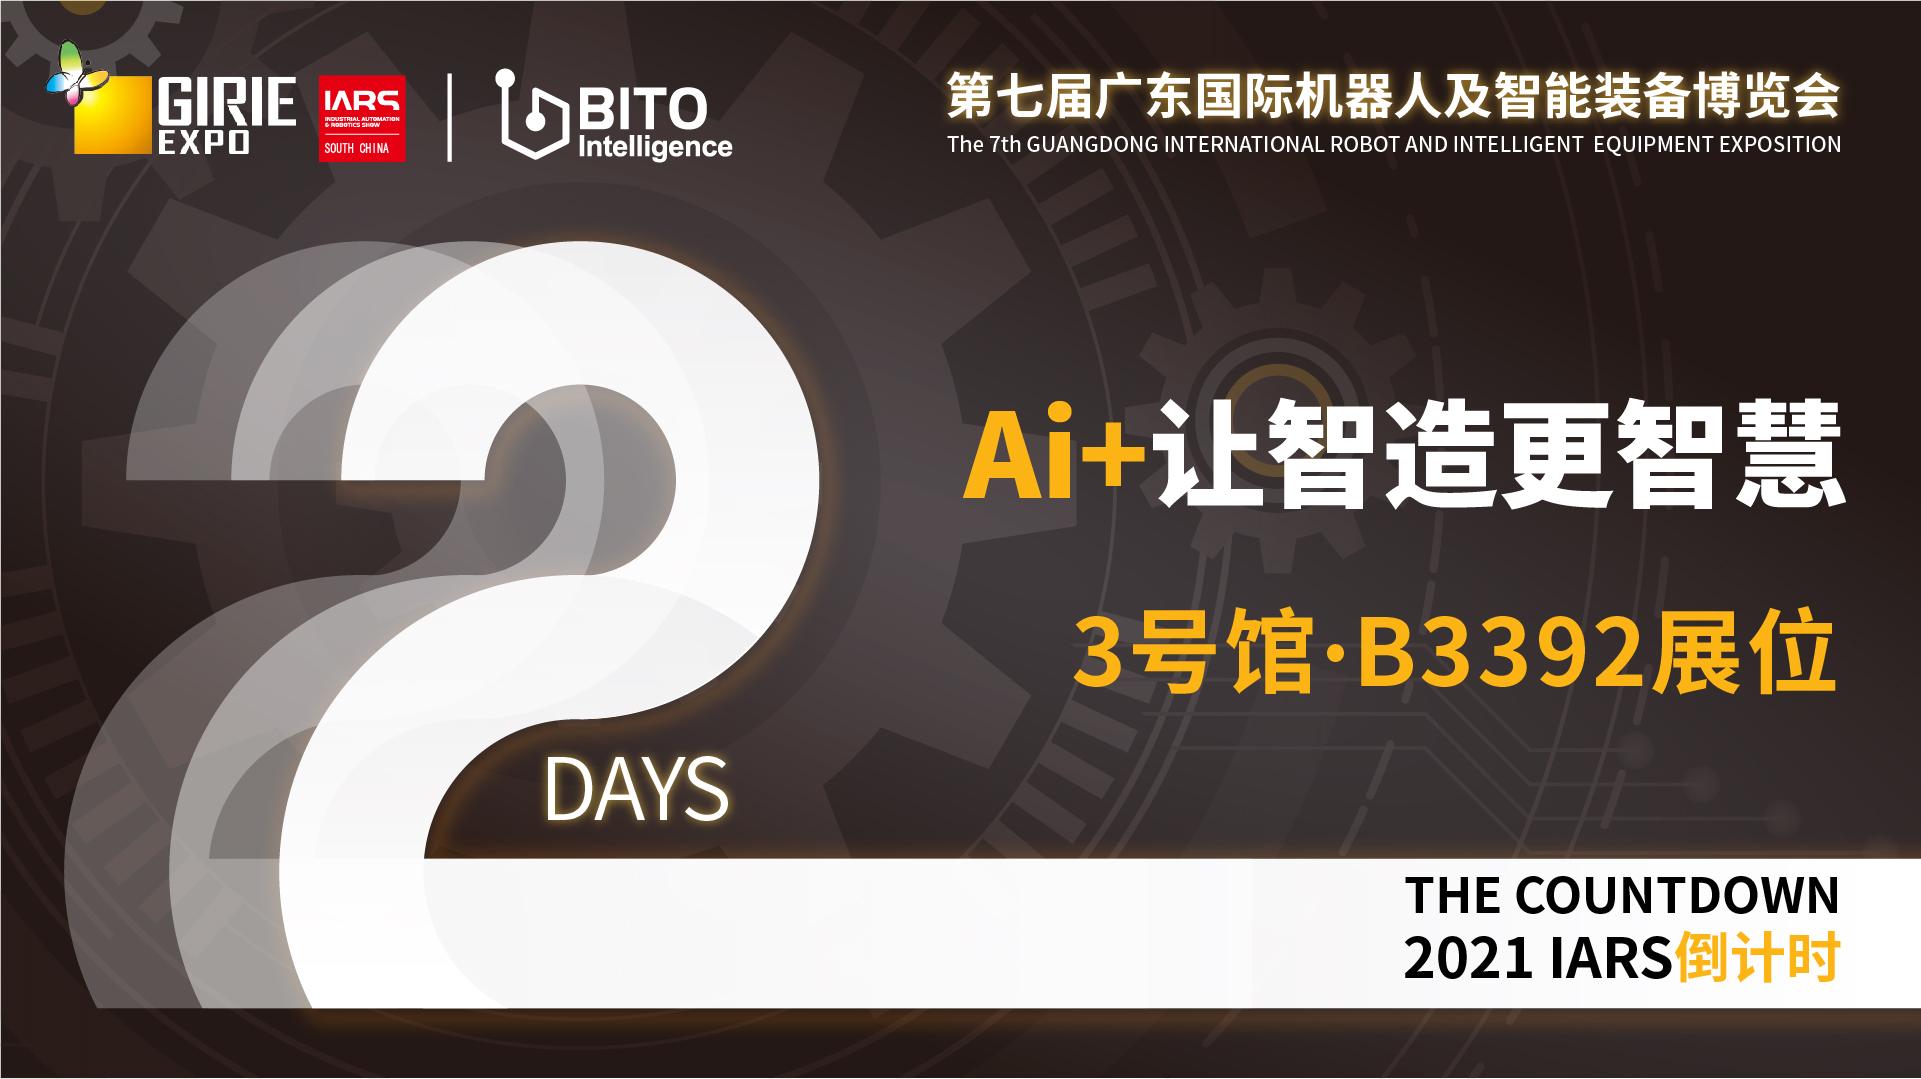 第七届广东国际机器人及智能装备博览会倒计时2天